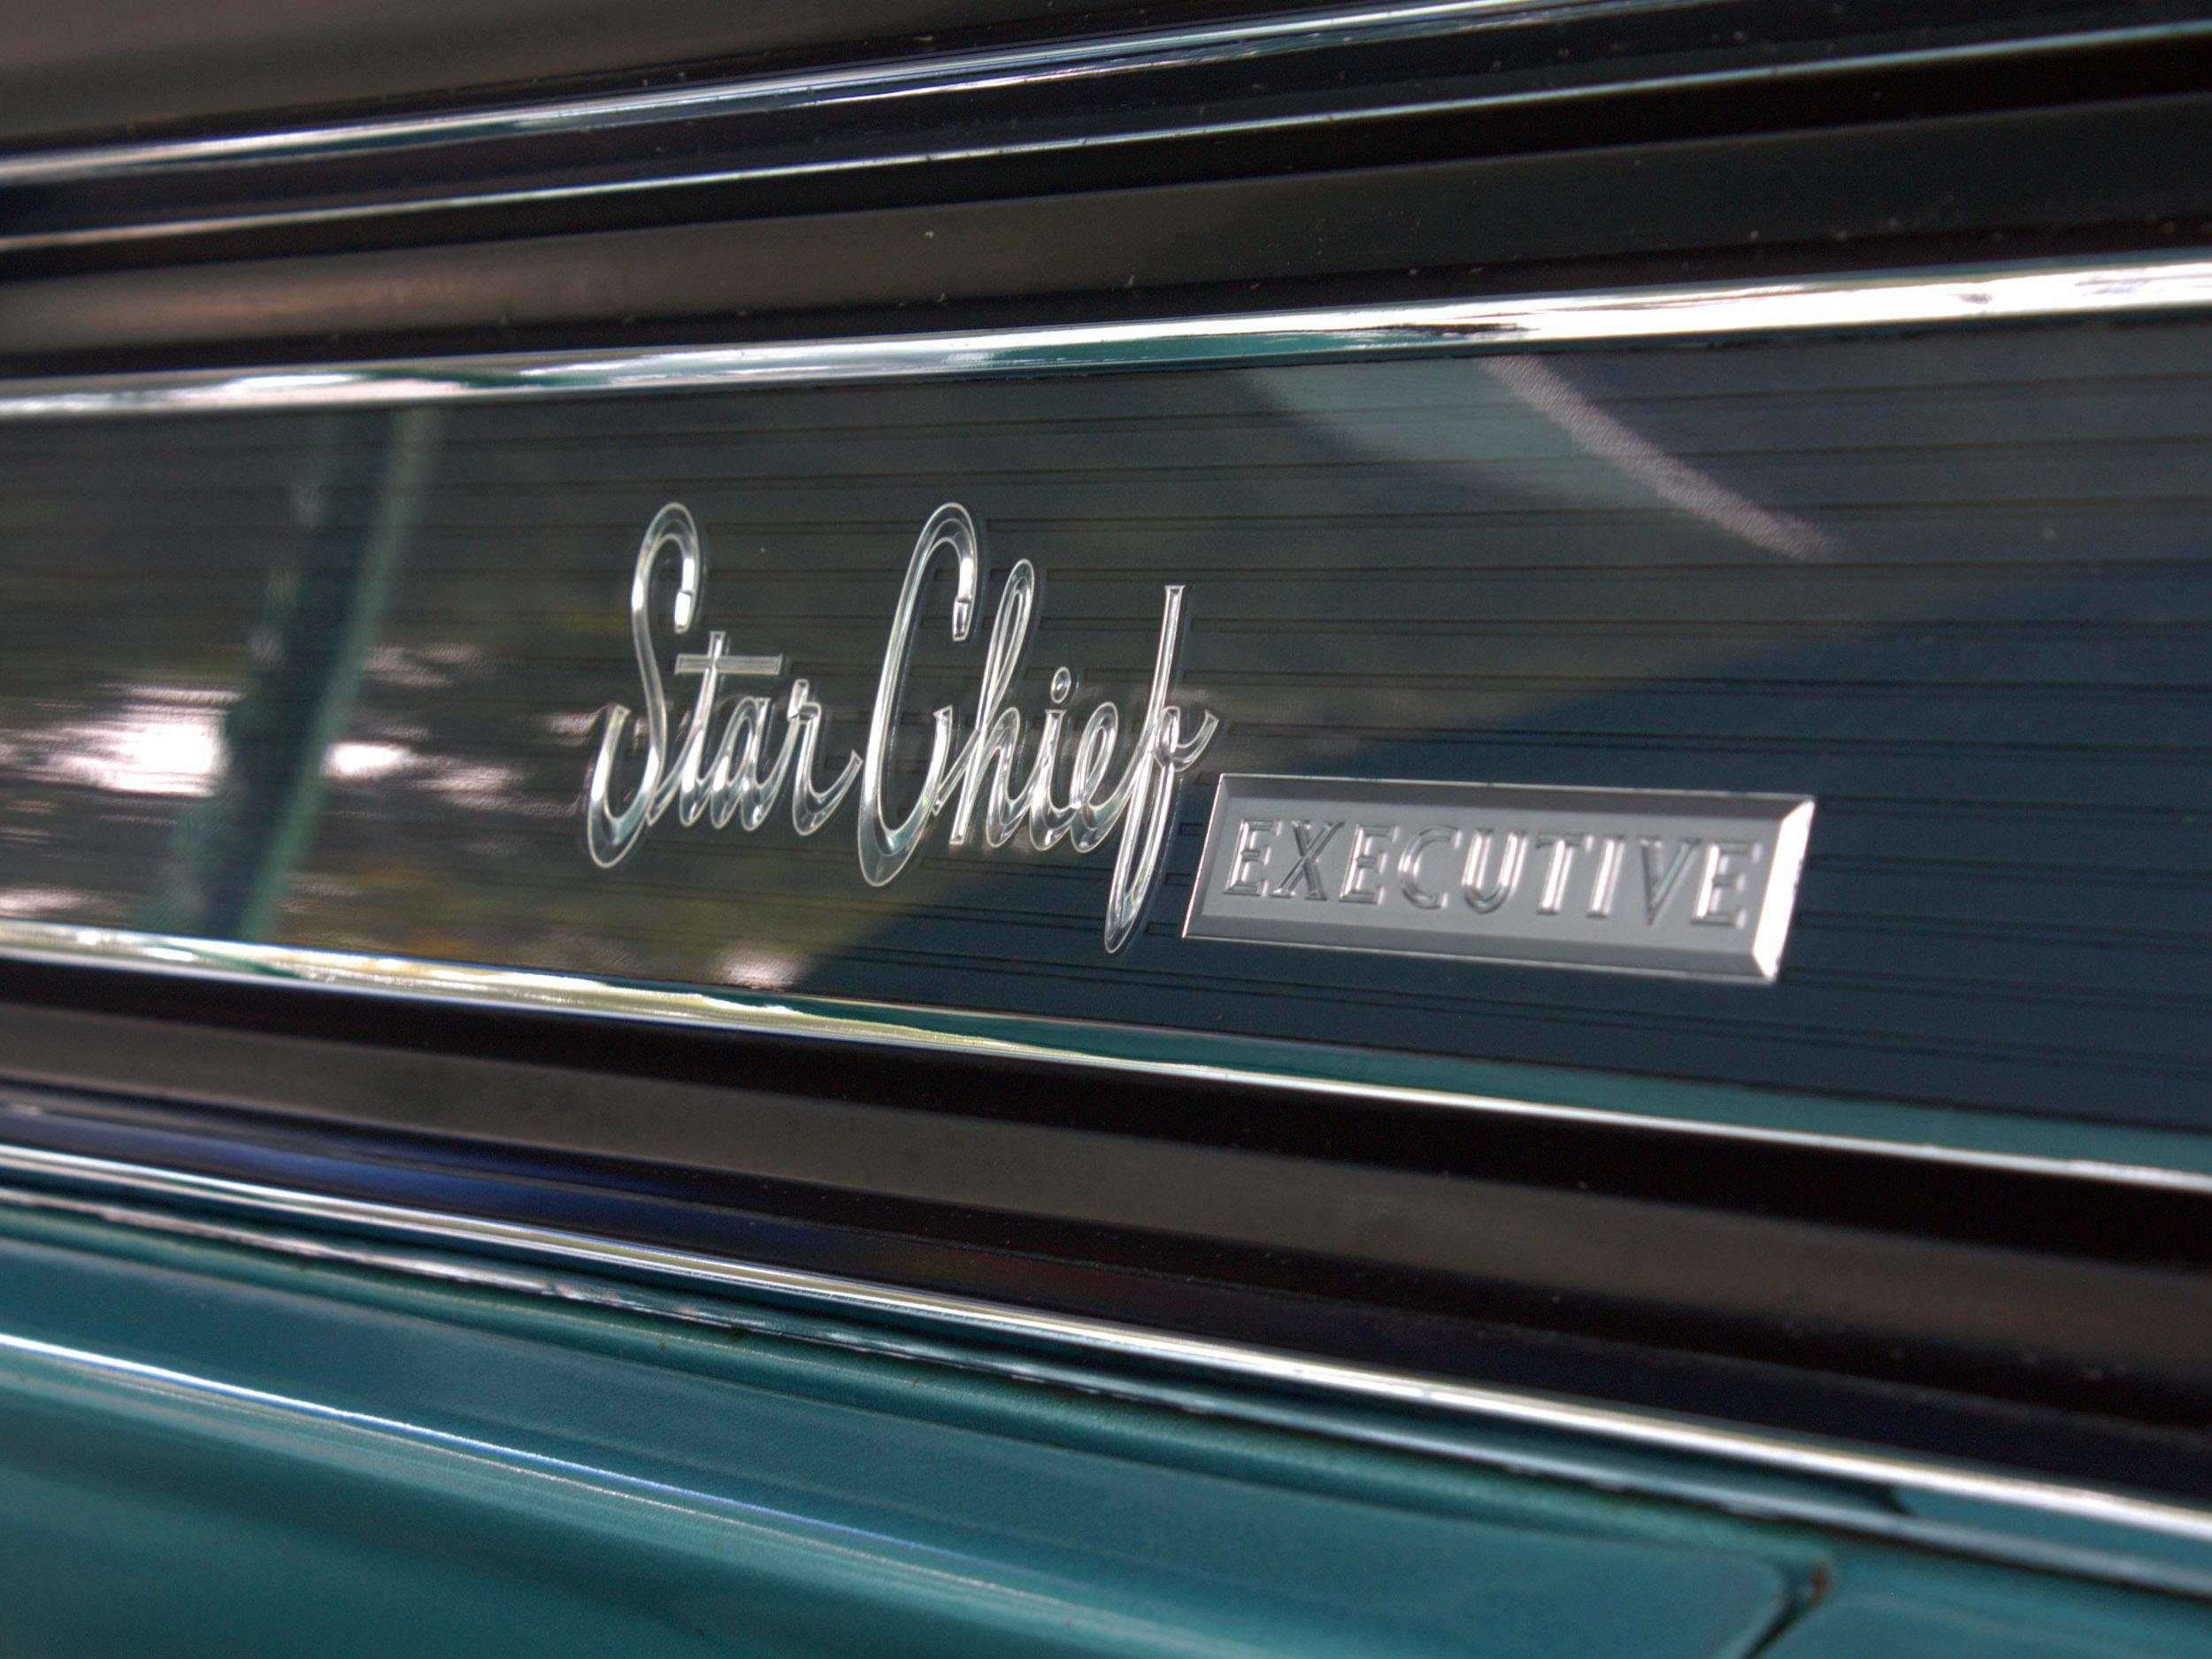 1966er Pontiac Star Chief Executive